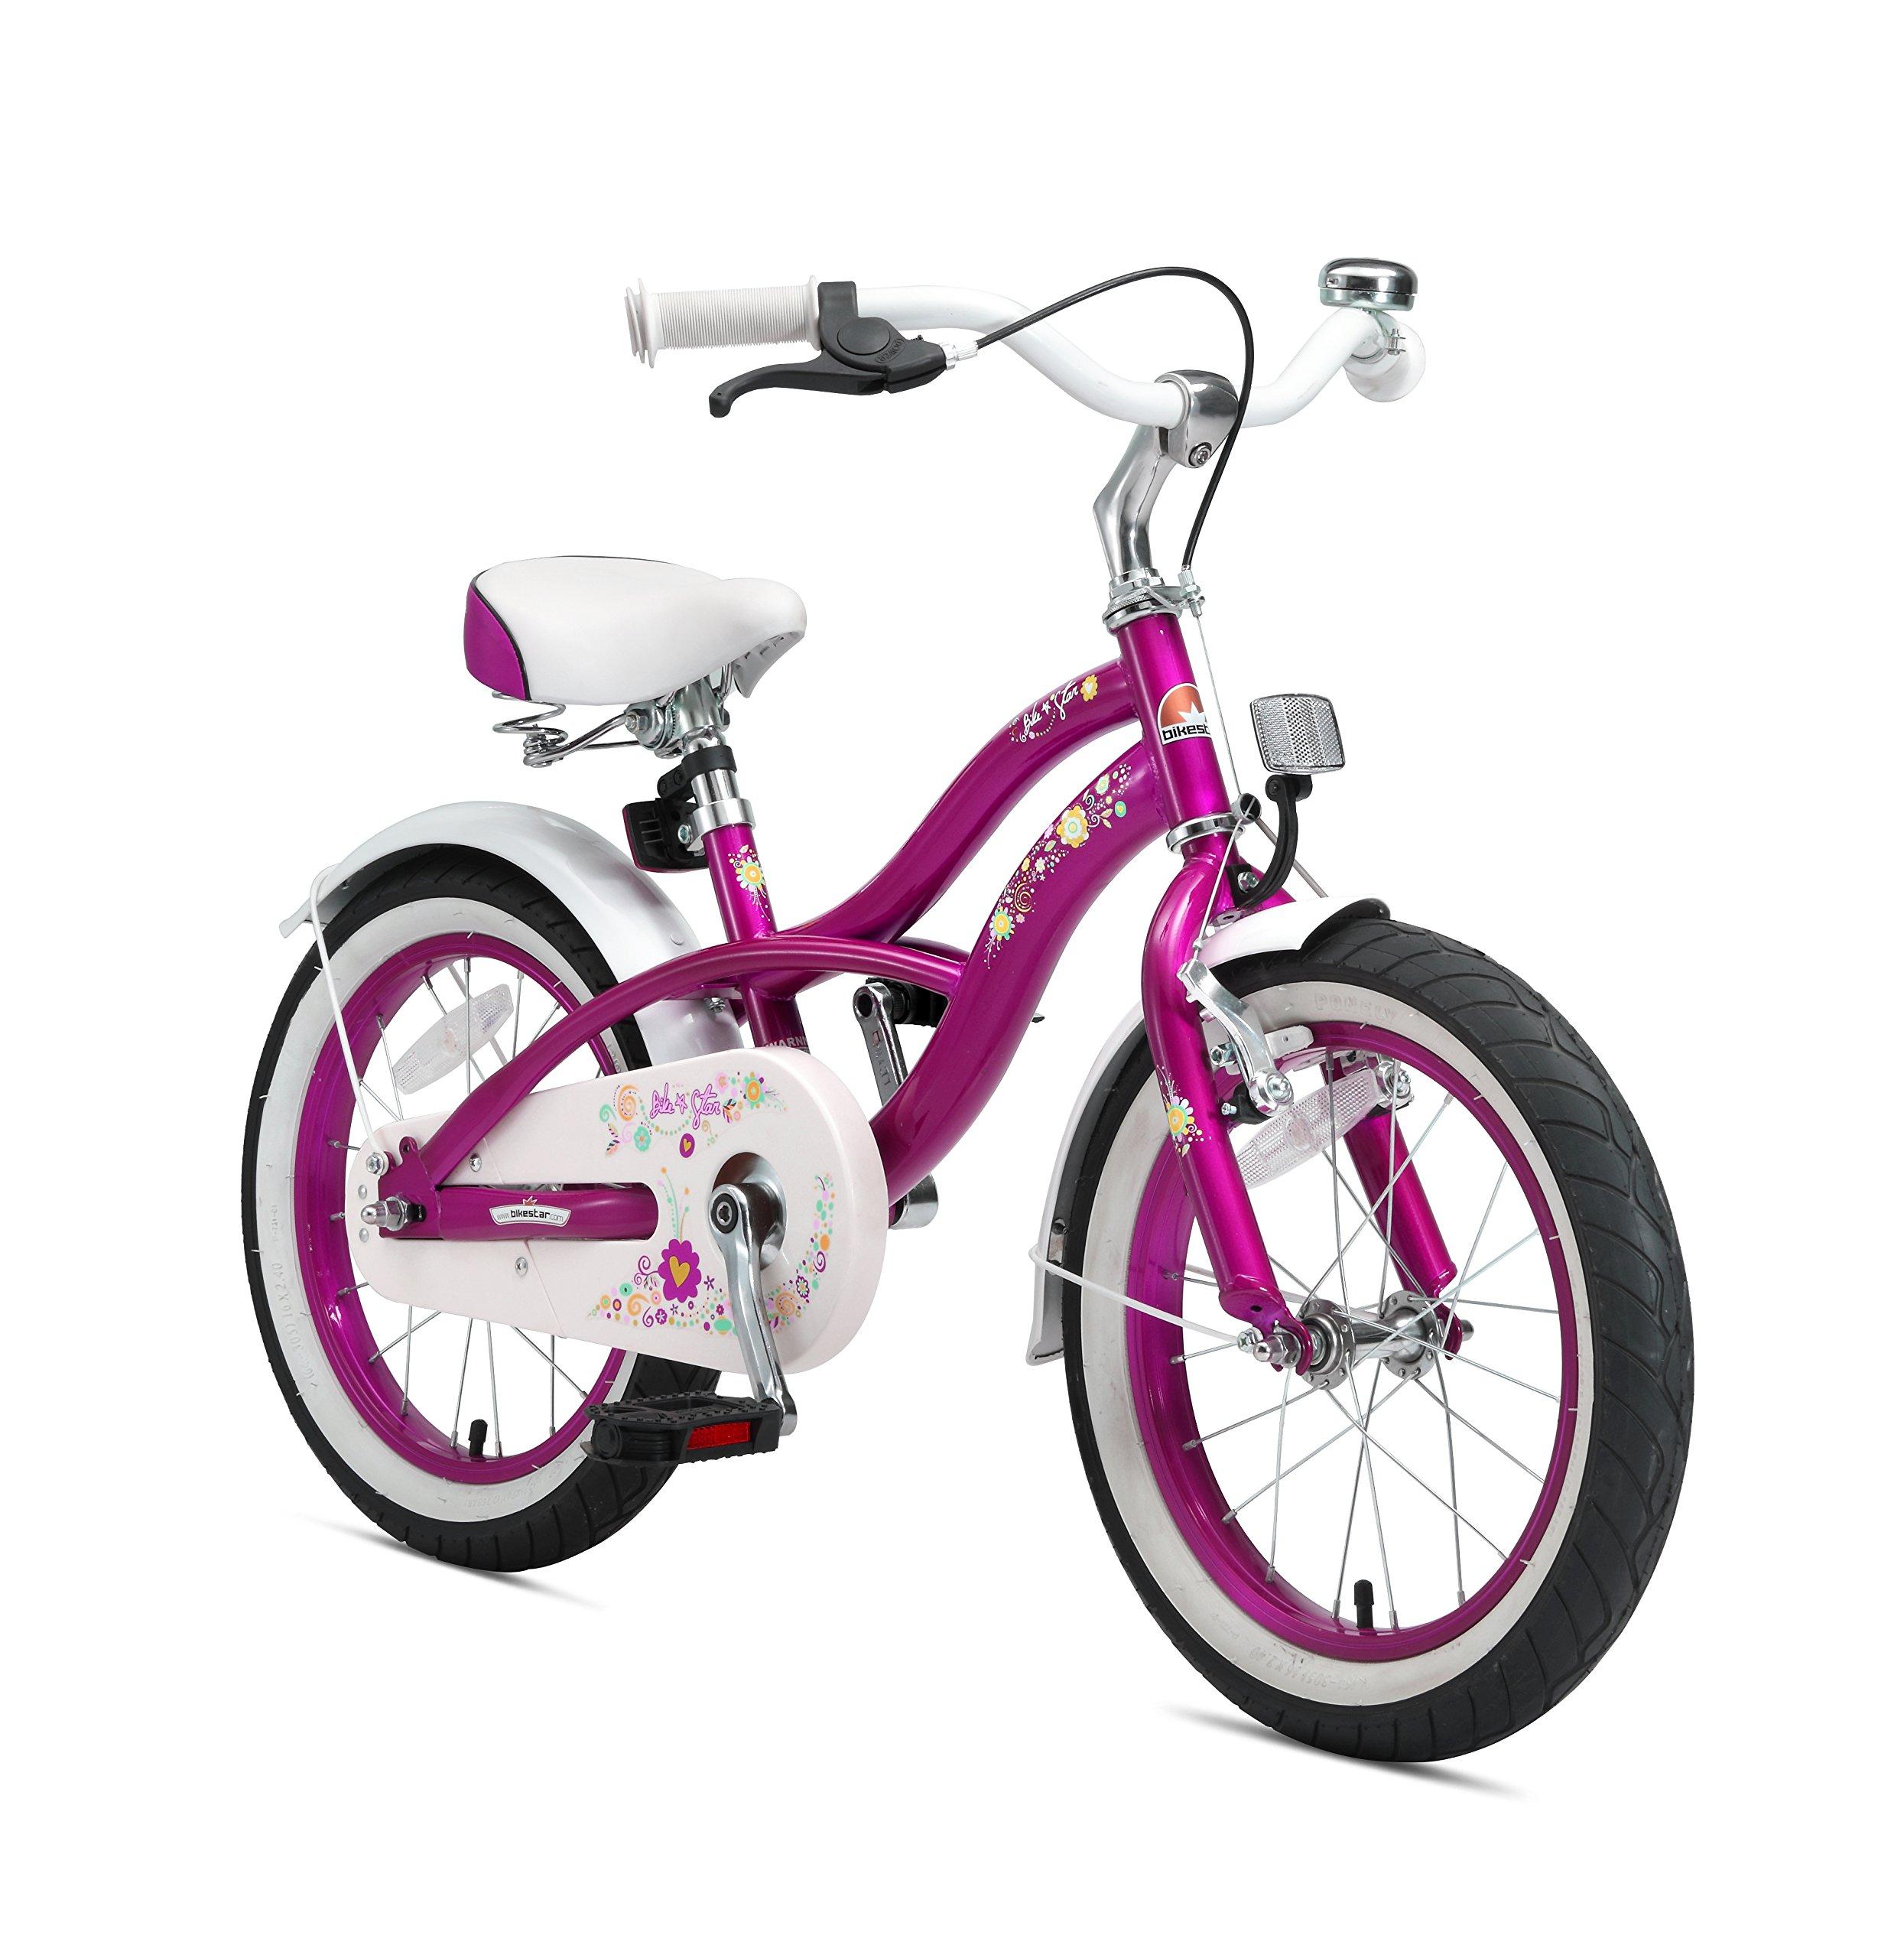 Bikestar   Bicicleta para niños y niñas 16 Pulgadas   Color Rosa   A Partir de